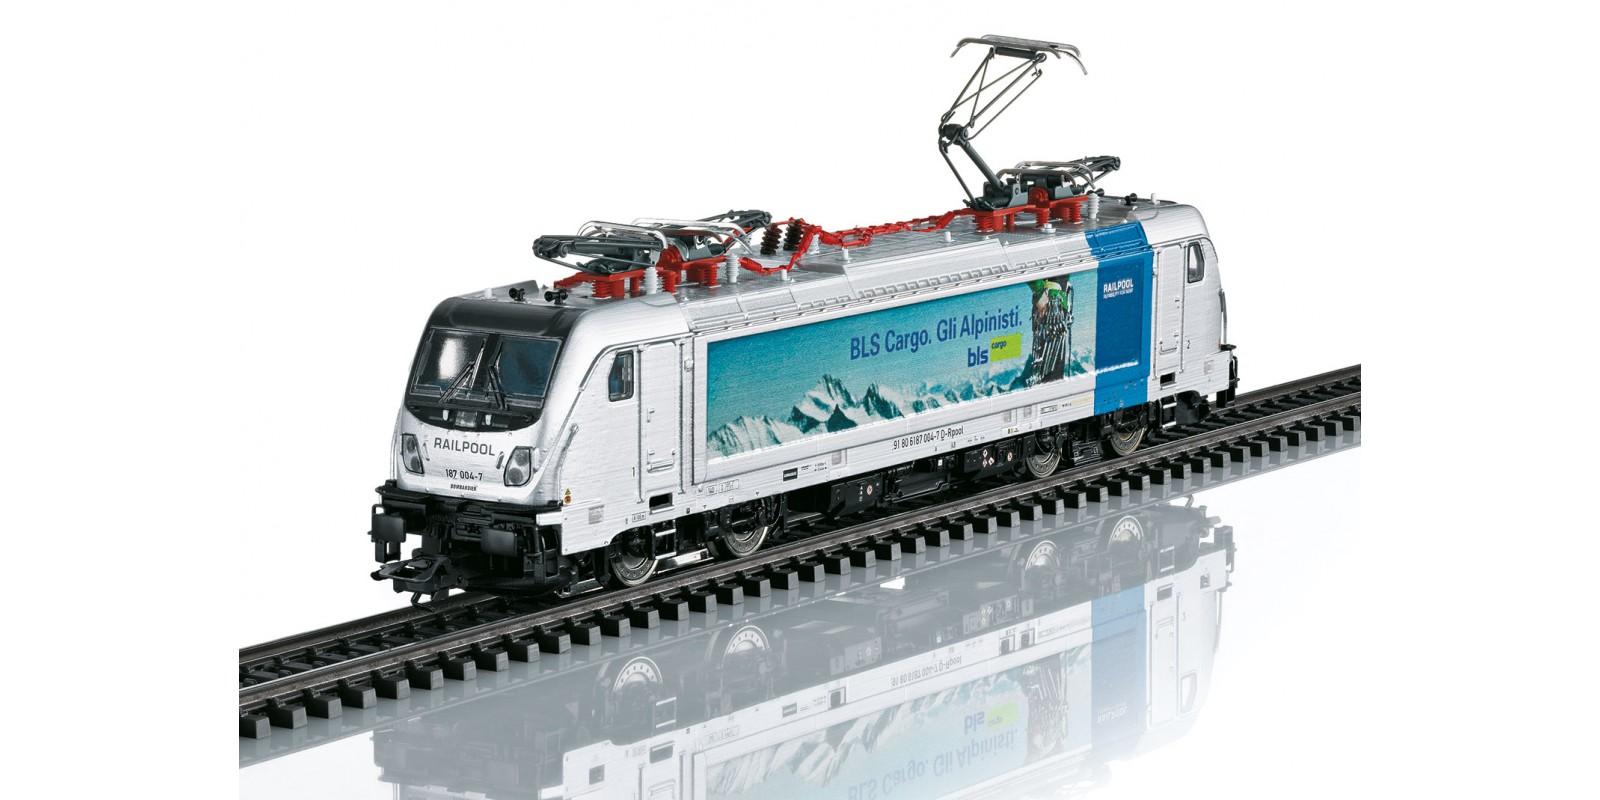 36631 Class 187.0 Electric Locomotive